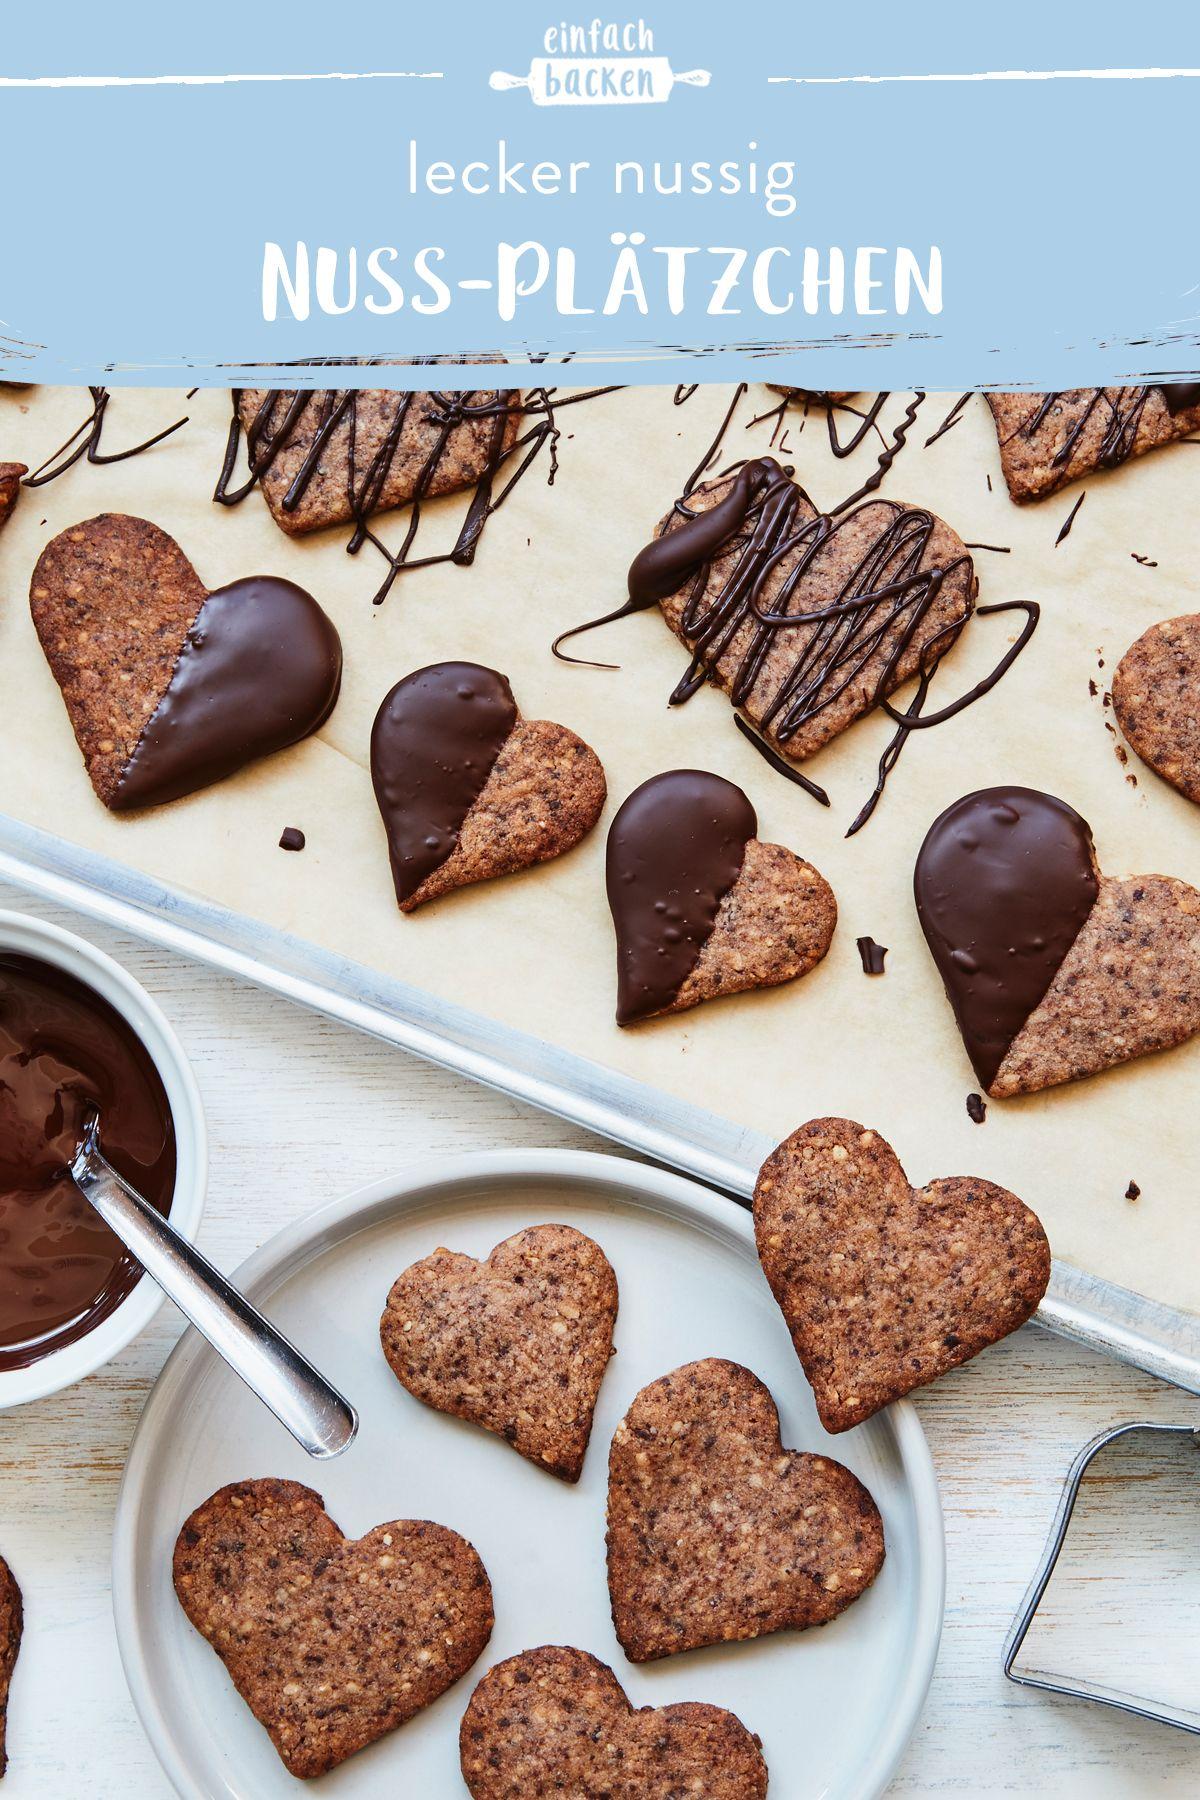 e012e519fb8652d2b2b7b80476fb8fad - Keks Rezepte Weihnachten